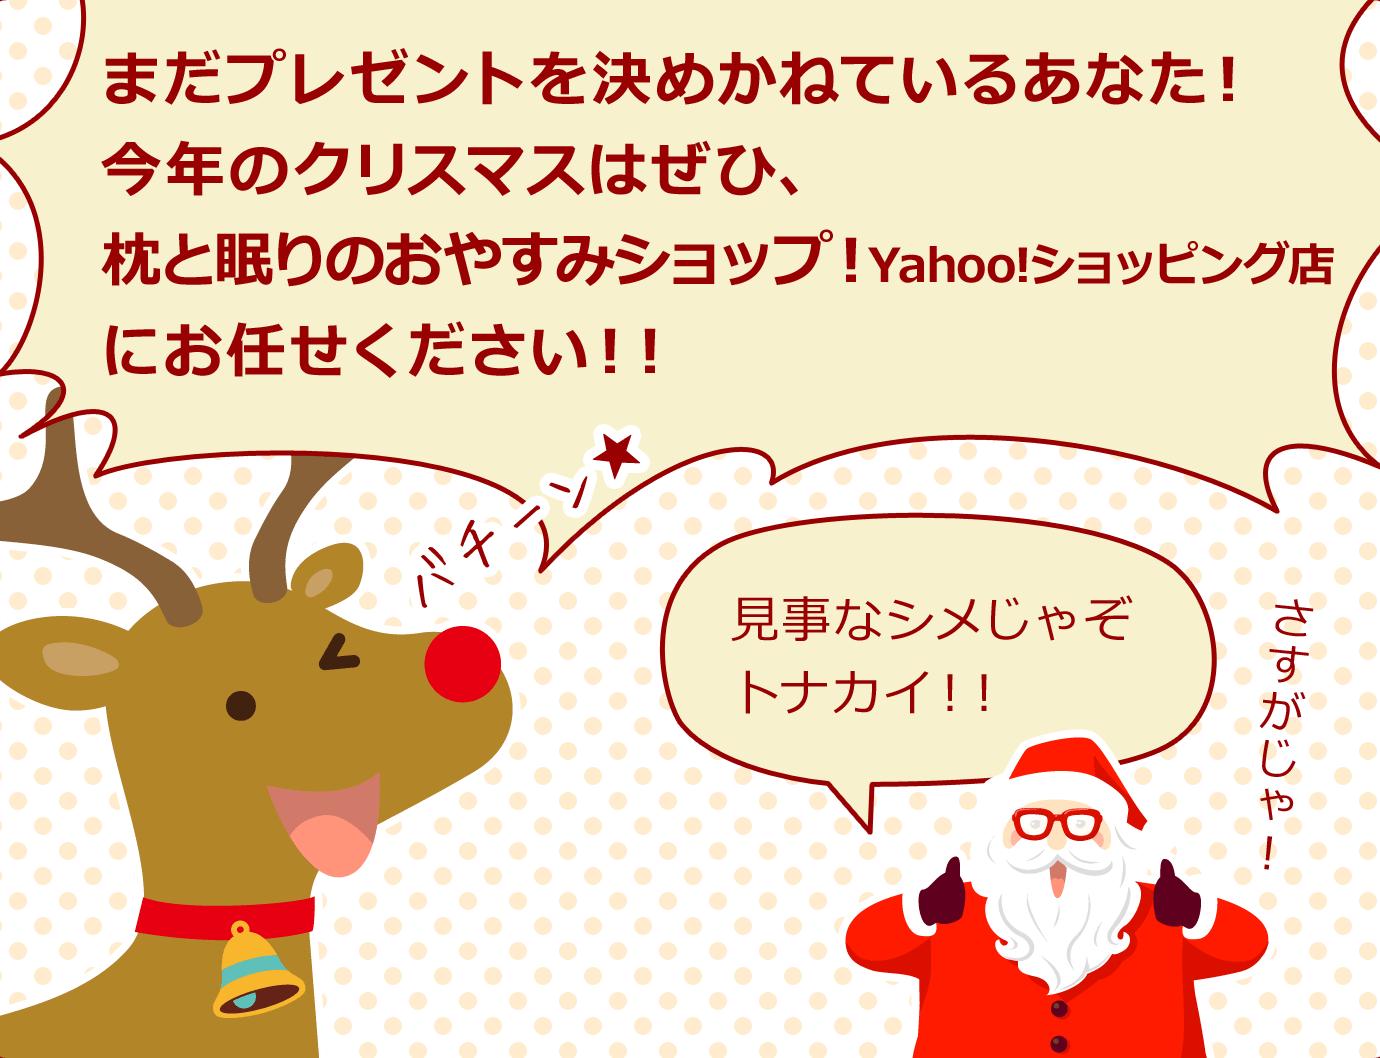 トナカイ「まだプレゼントを決めかねているあなた!今年のクリスマスはぜひ、枕と眠りのおやすみショップ!Yahoo!ショッピング店にお任せください!!!」サンタクロース「見事なシメじゃぞトナカイ!!さすがじゃ!」